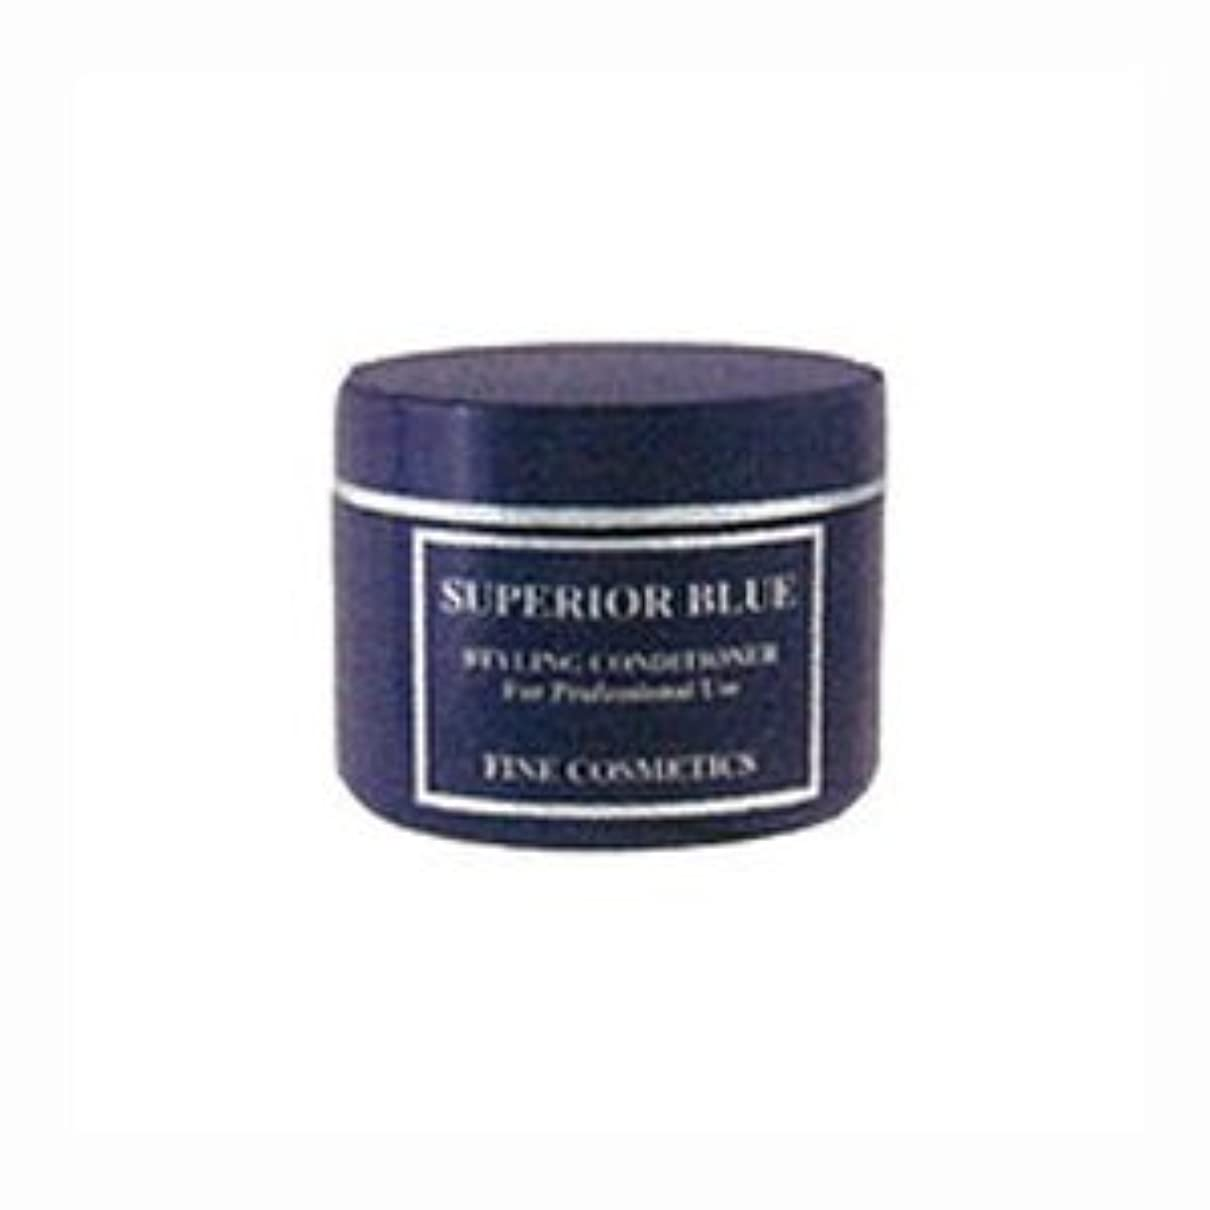 マウスピース舗装ロック【スタイリングコンディショナー】SURERIOR BLUE スペリオブルー (100g)